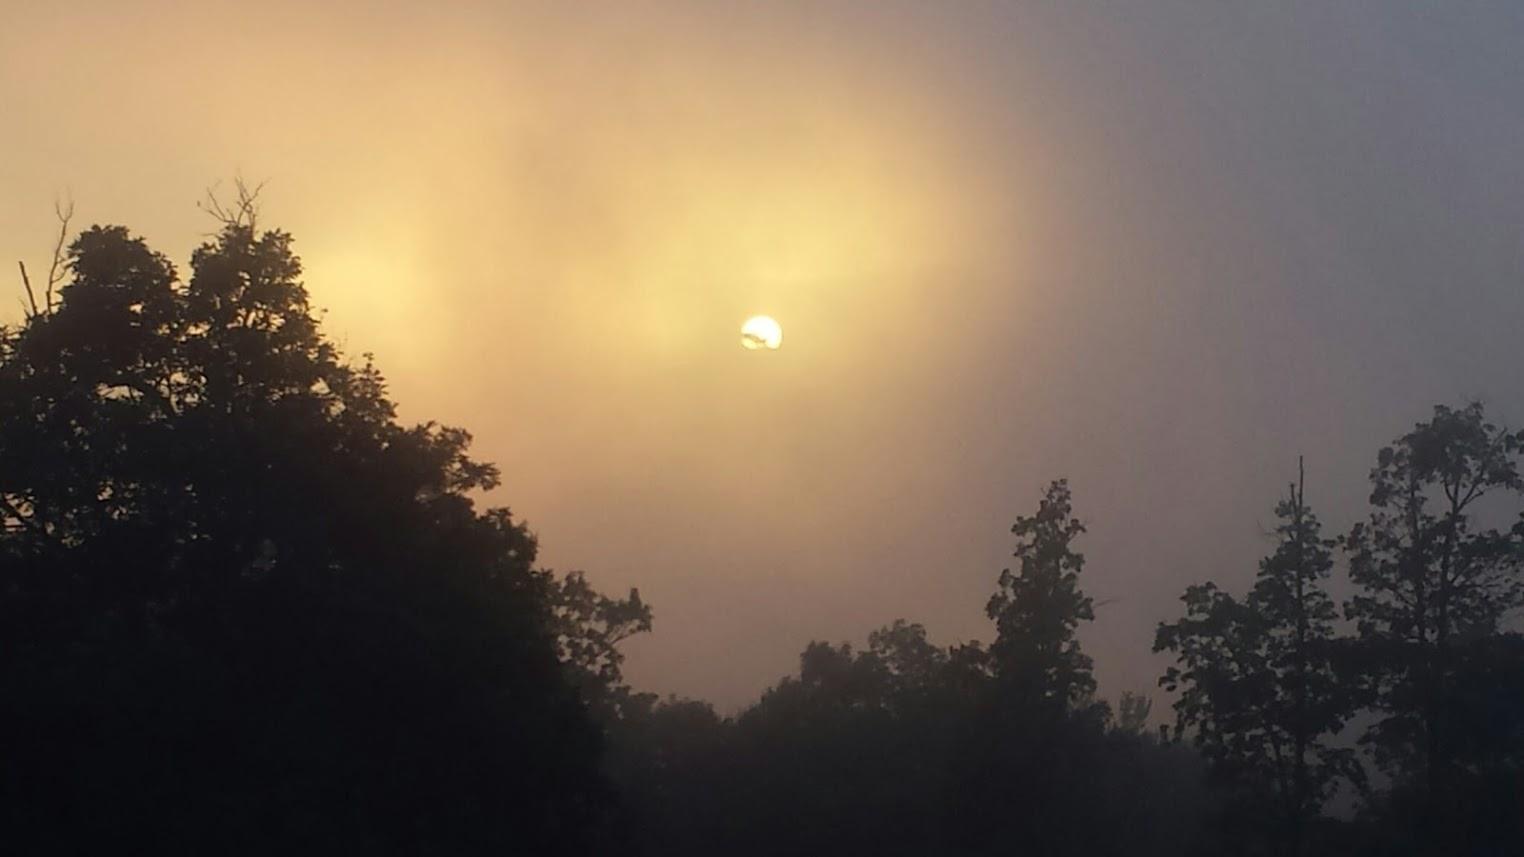 Unique Sunset